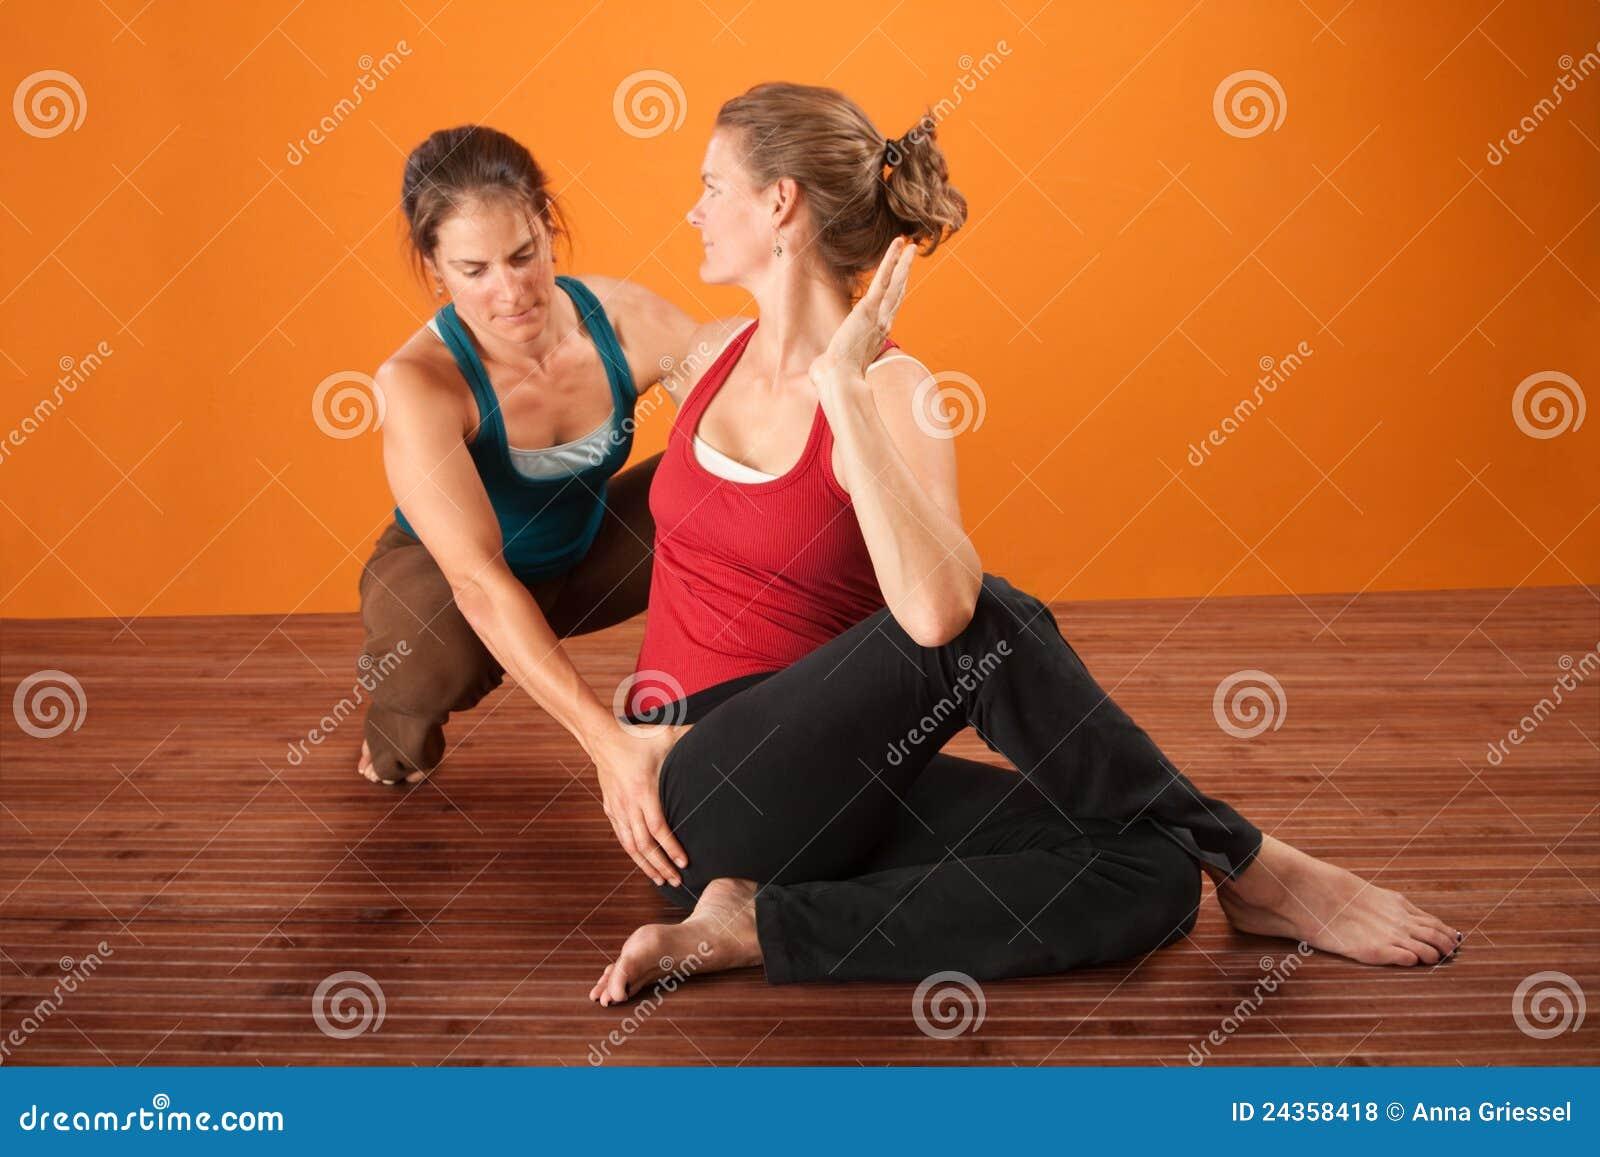 Yoga-Trainer mit Kursteilnehmer